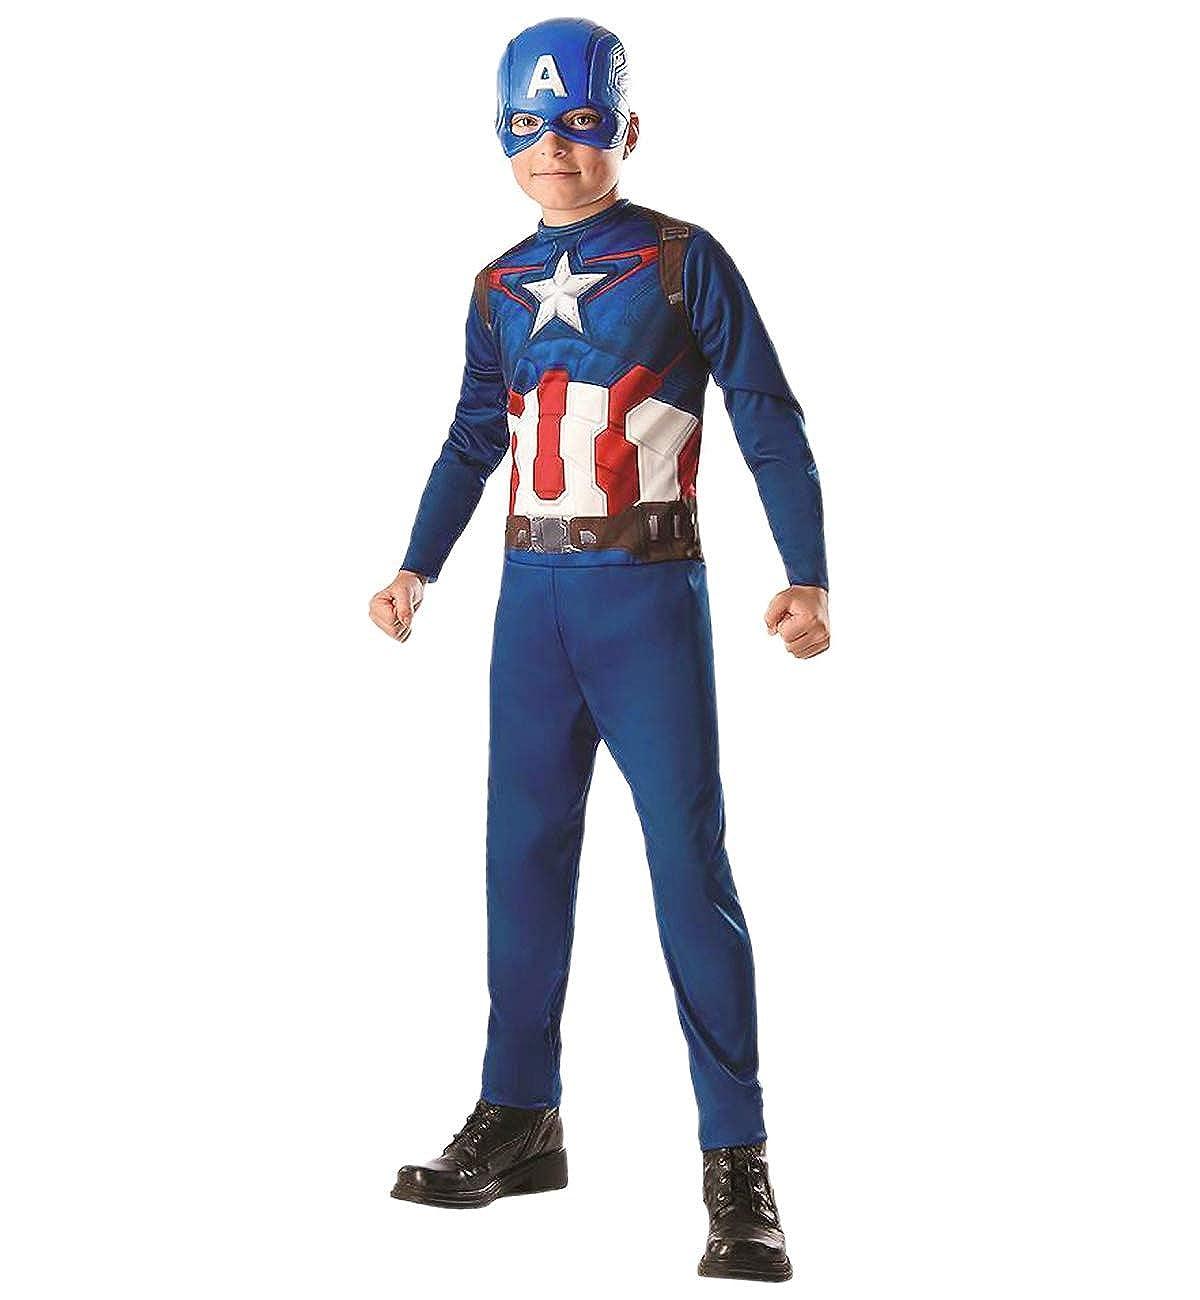 デラックスCaptain America Child Costume – Medium   B07FJR5GY8